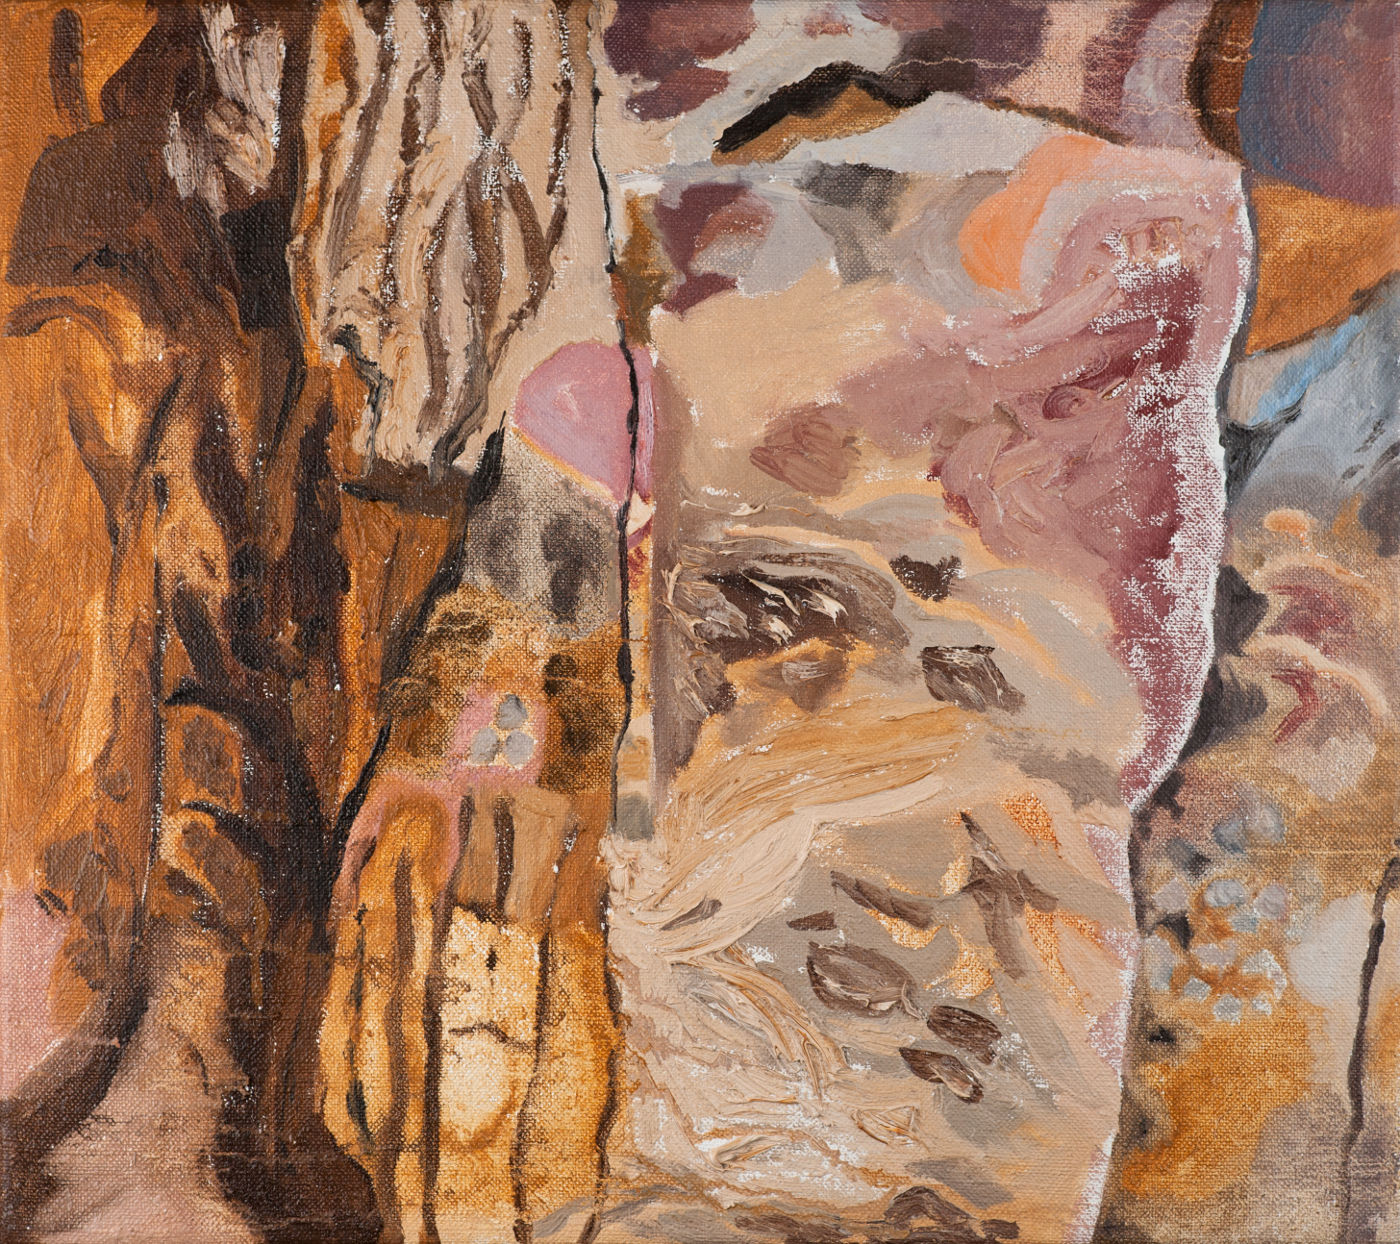 Jan Karpíšek: Portrét skály pana Píro, olej na plátně, 40x45cm, 2012